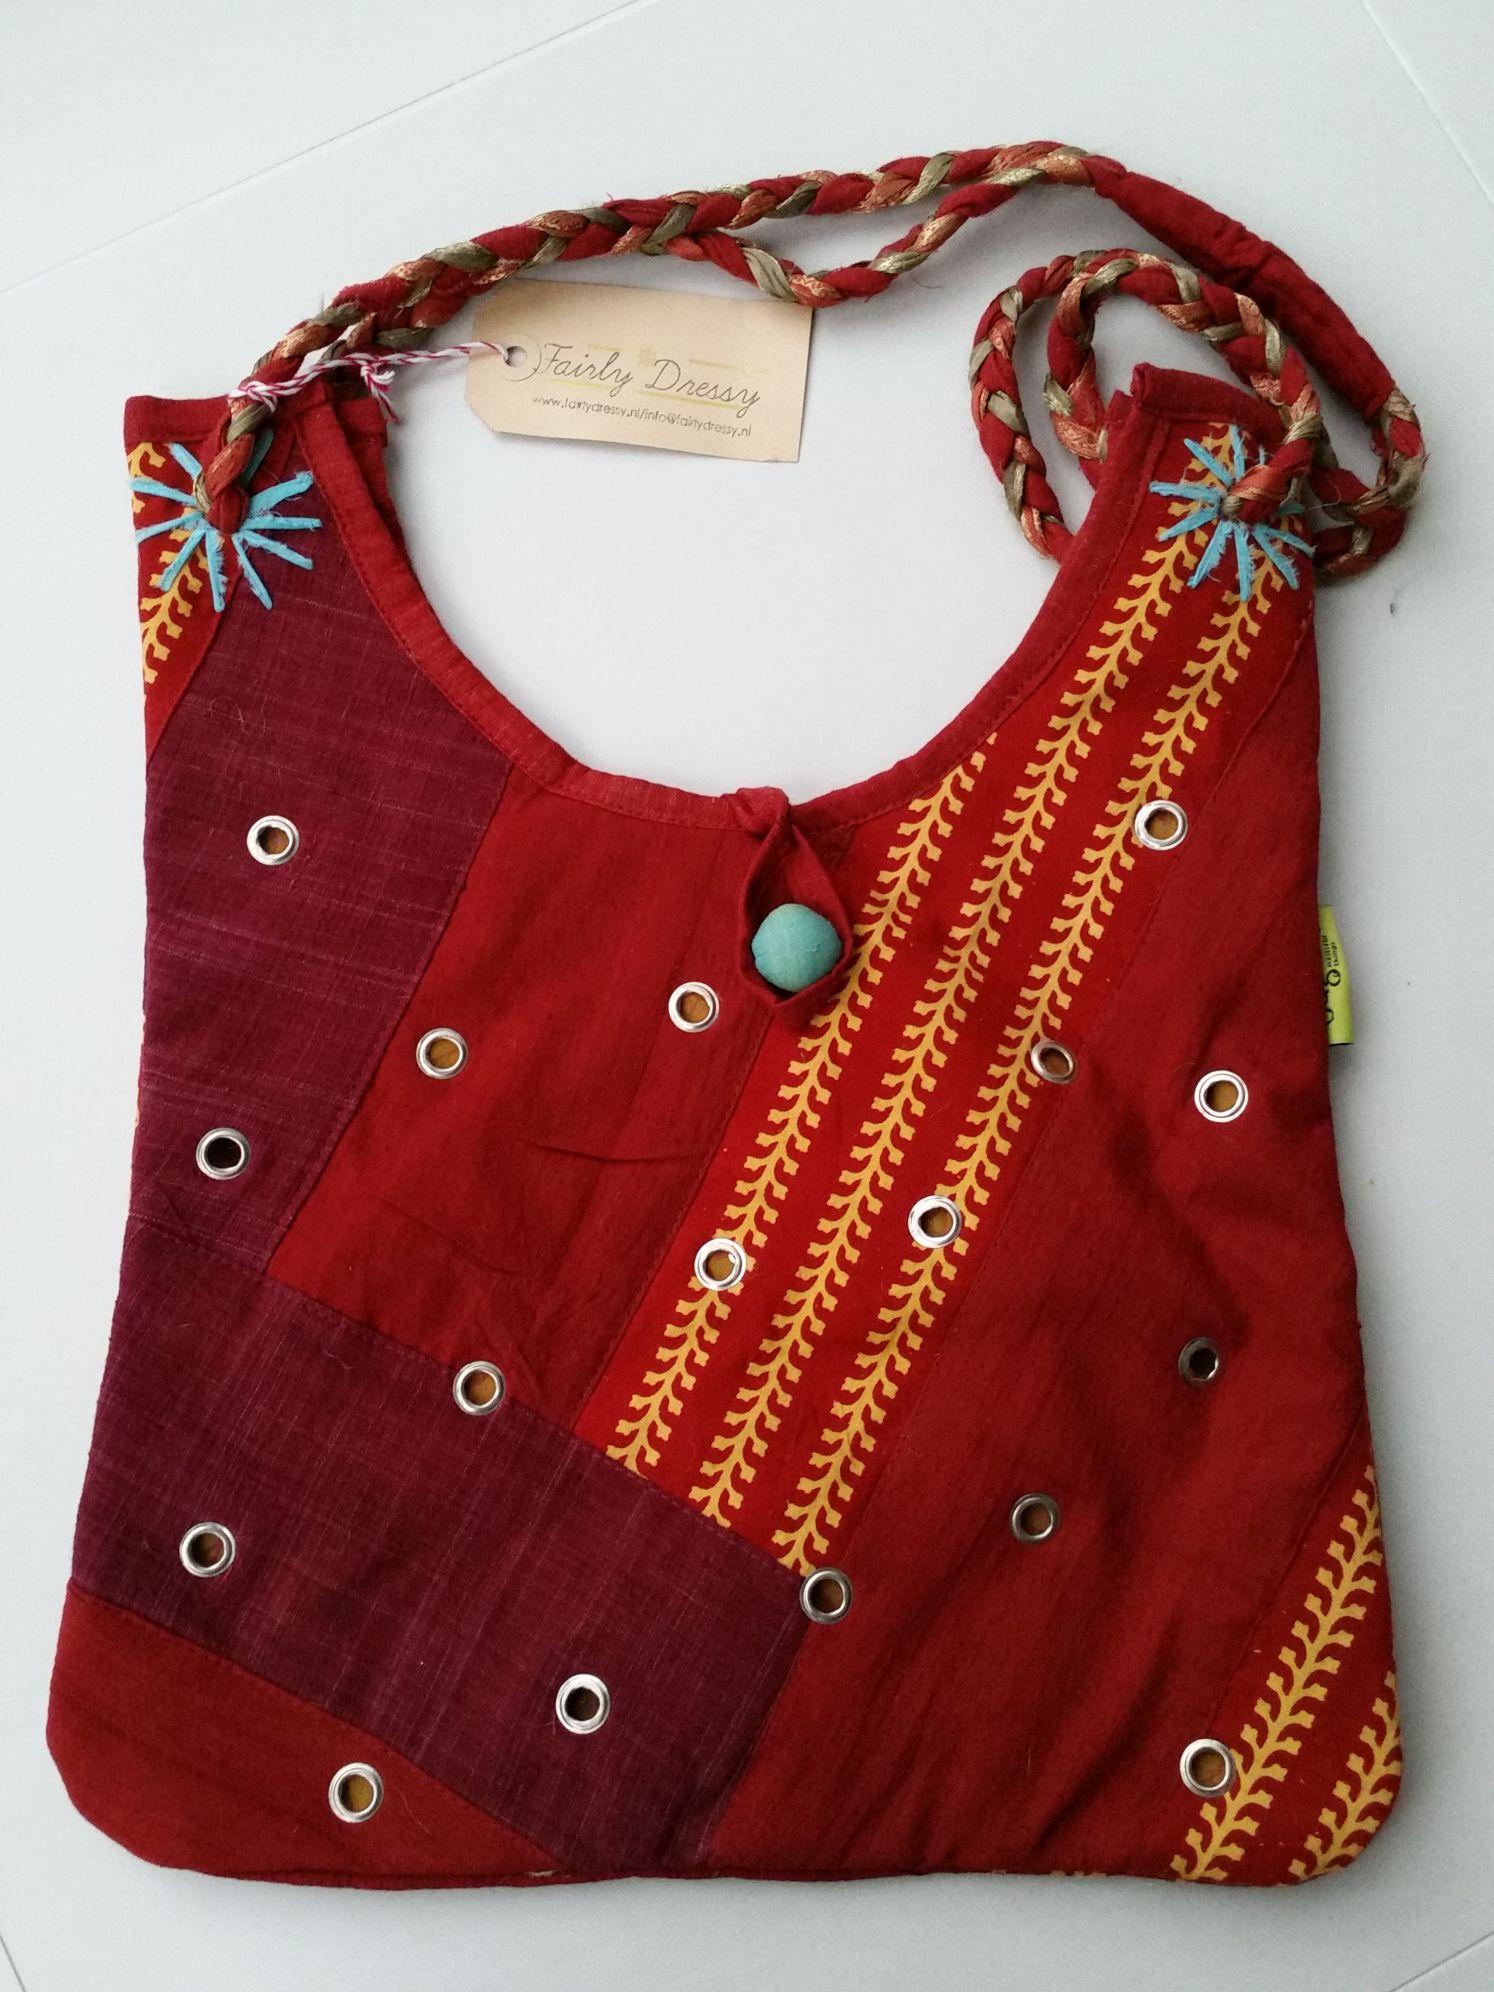 Zelfgemaakte Stoffen Tassen : Fairtrade rode stoffen tas fairlydressy